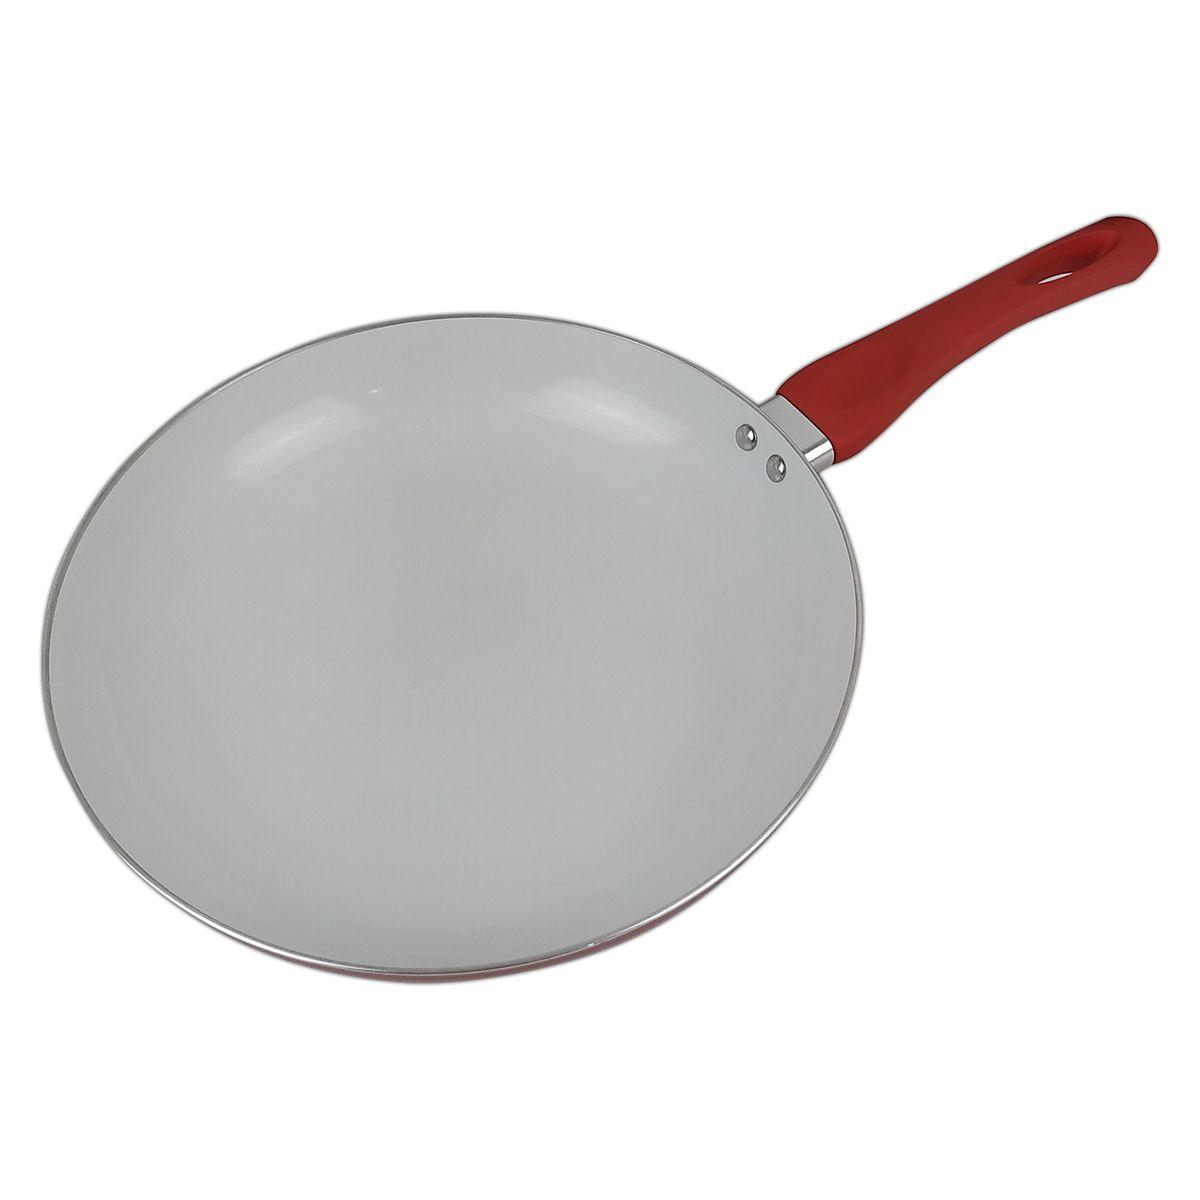 Frigideira De Alumínio Revestimento Ceramica 26 Cm - Nipo